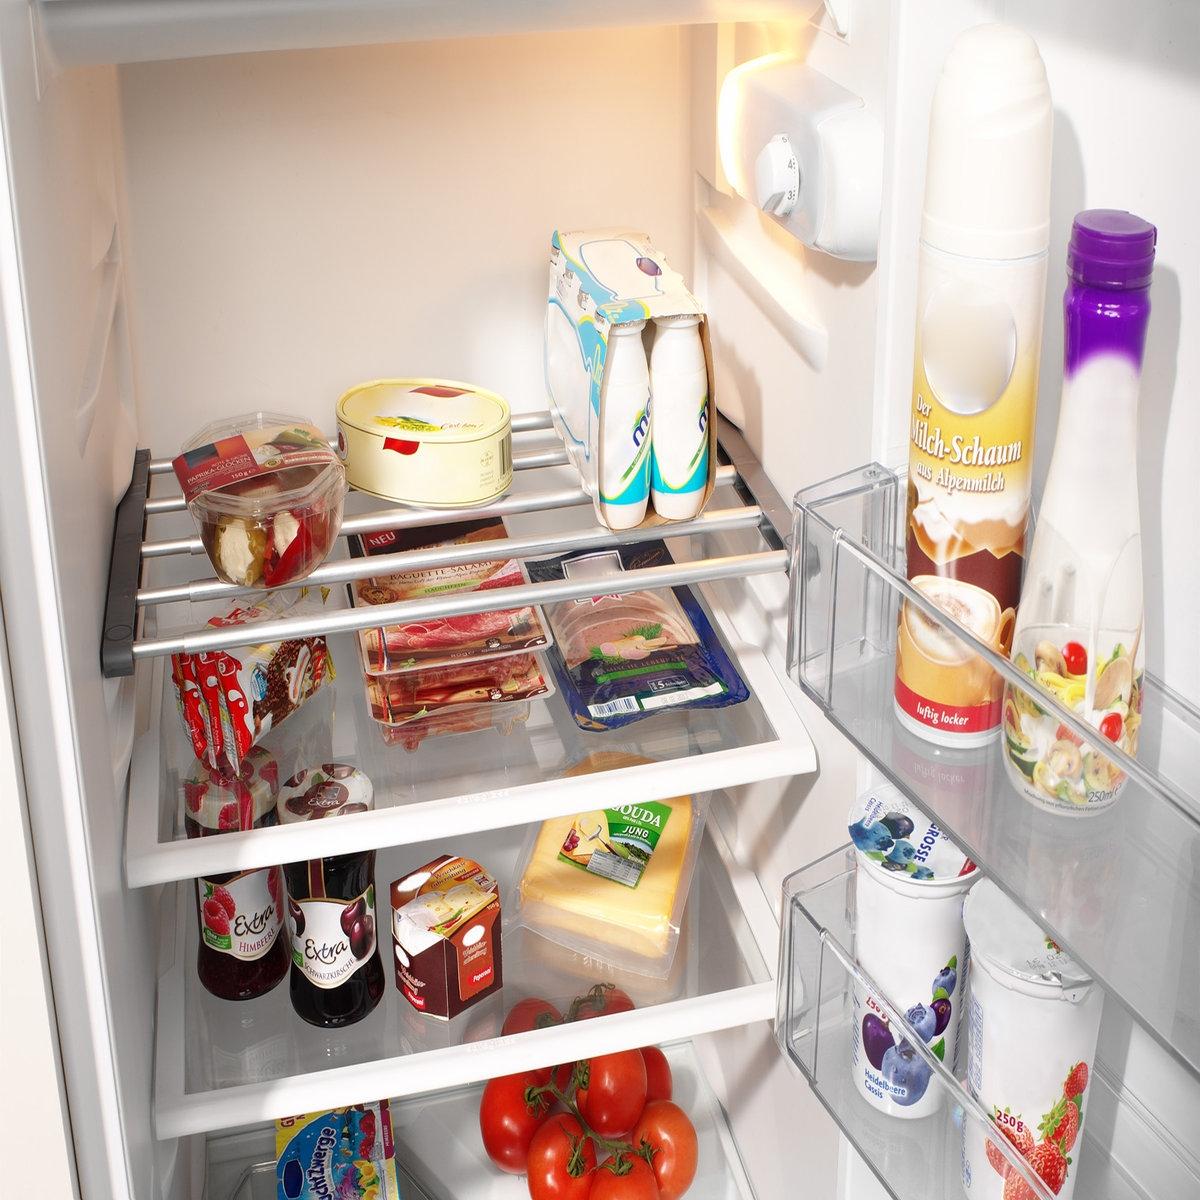 Этажерка раздвижная для холодильника, Areglo